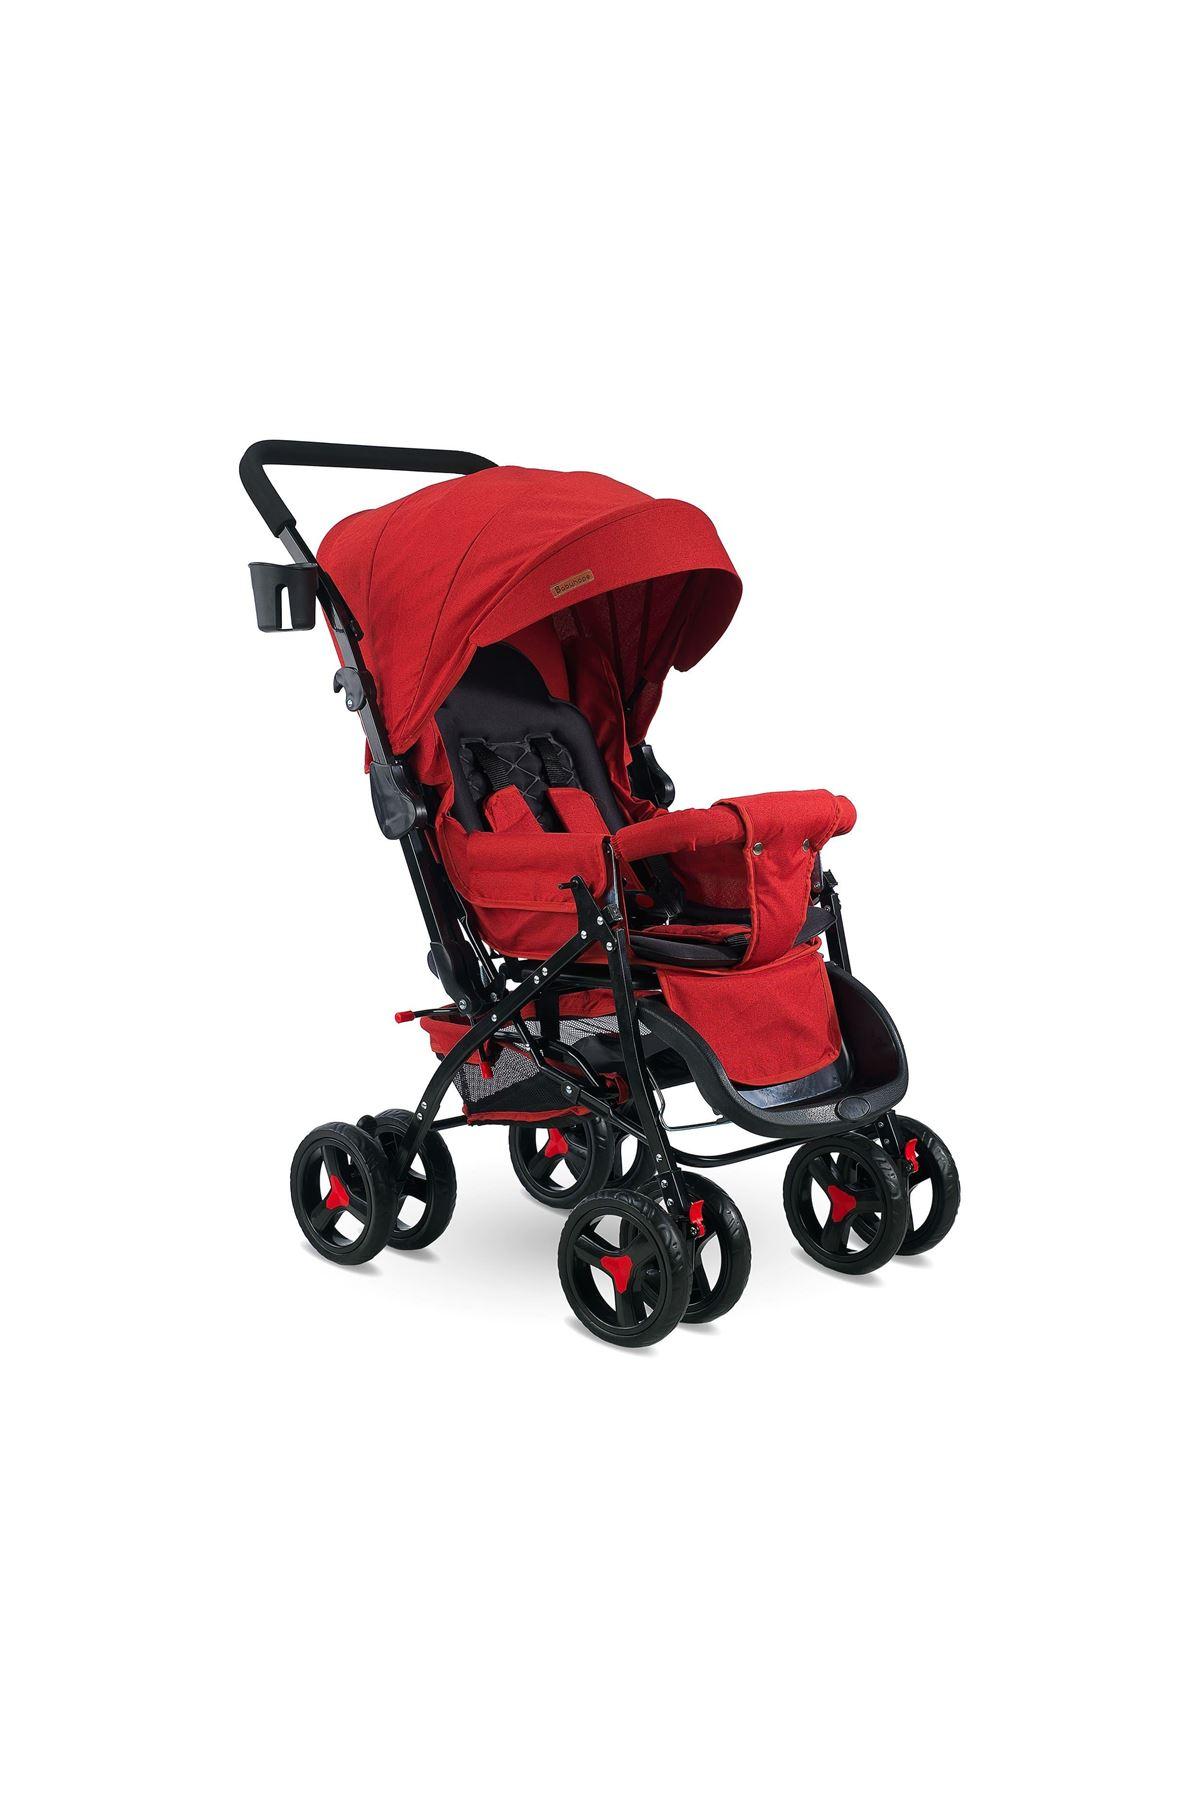 Babyhope 604 Çift Yönlü Bebek Arabası Kırmızı